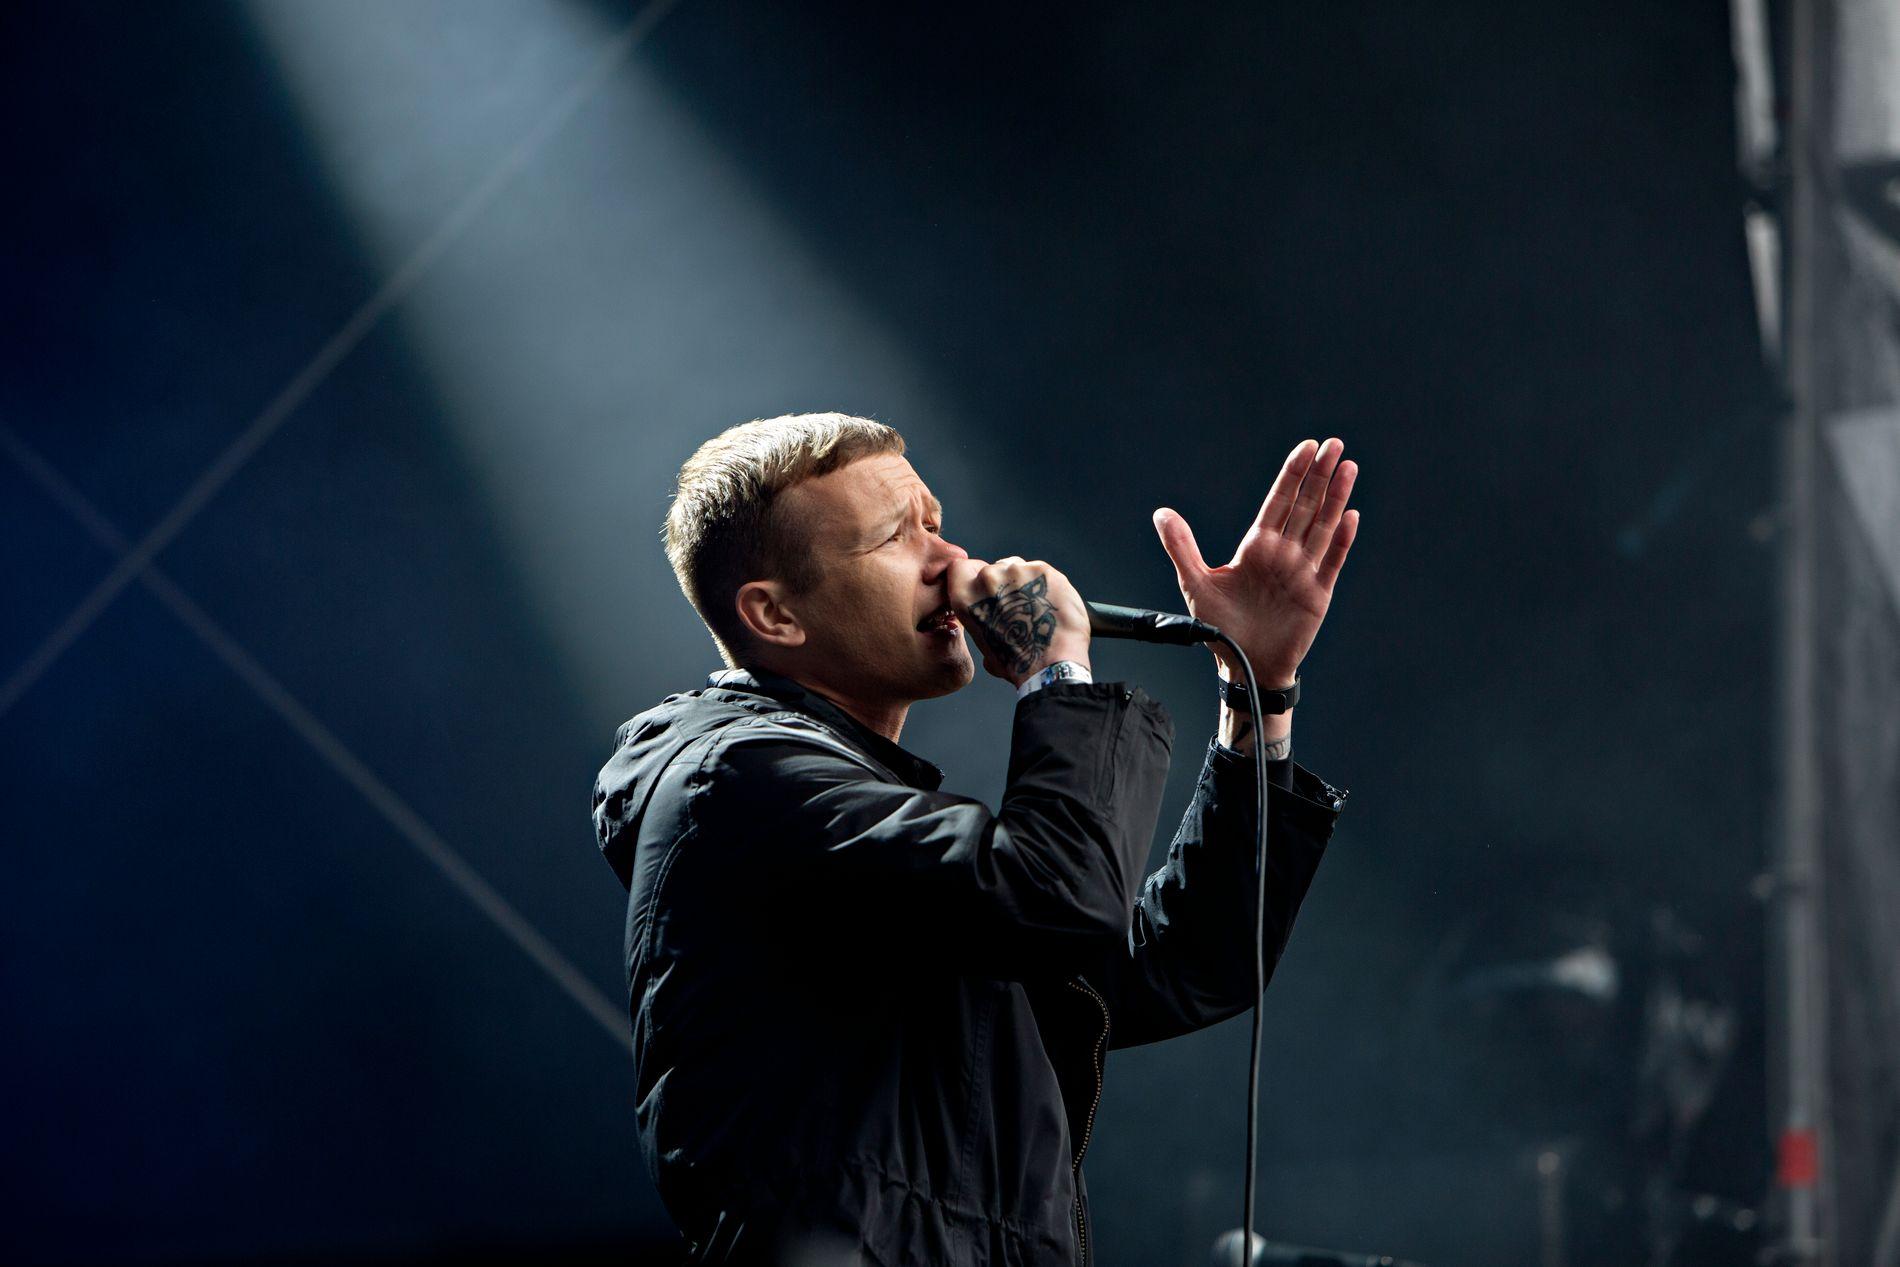 NORDSJØEN: I fjor spilte John Olav Nilsen & Nordsjøen på både Bergenfest og Vill Vill Vest. På torsdag blir det minikonsert og slipp av den nye liveplaten.